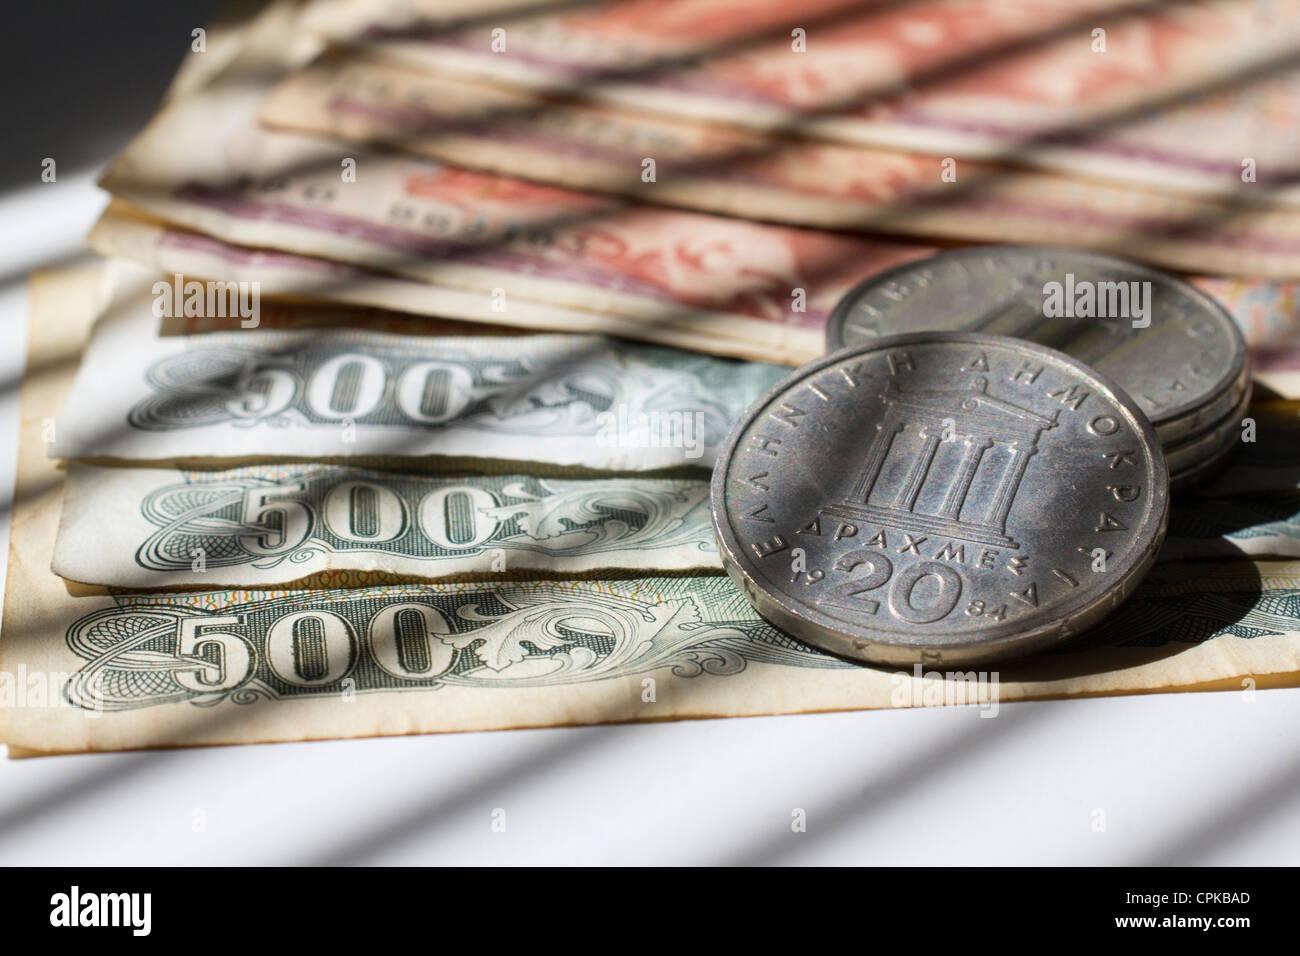 Drachme monnaie drachmes de l'argent comptant de drachmes sont l'ancienne monnaie de la grèce Banque D'Images